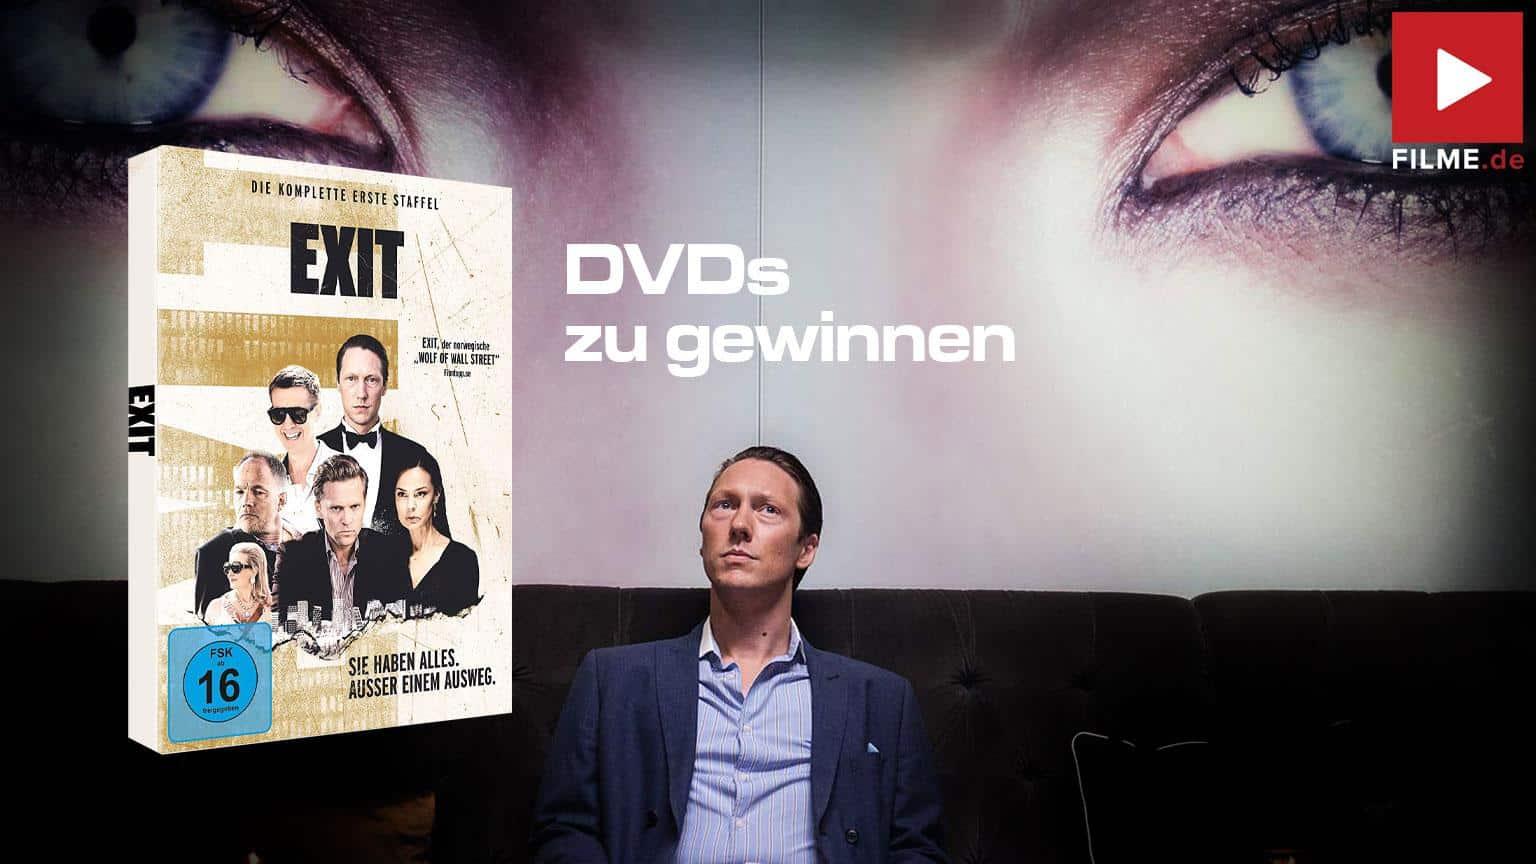 Exit - Die komplette erste Staffel 1 Serie 2020 Gewinnspiel gewinnen shop kaufen Artikelbild